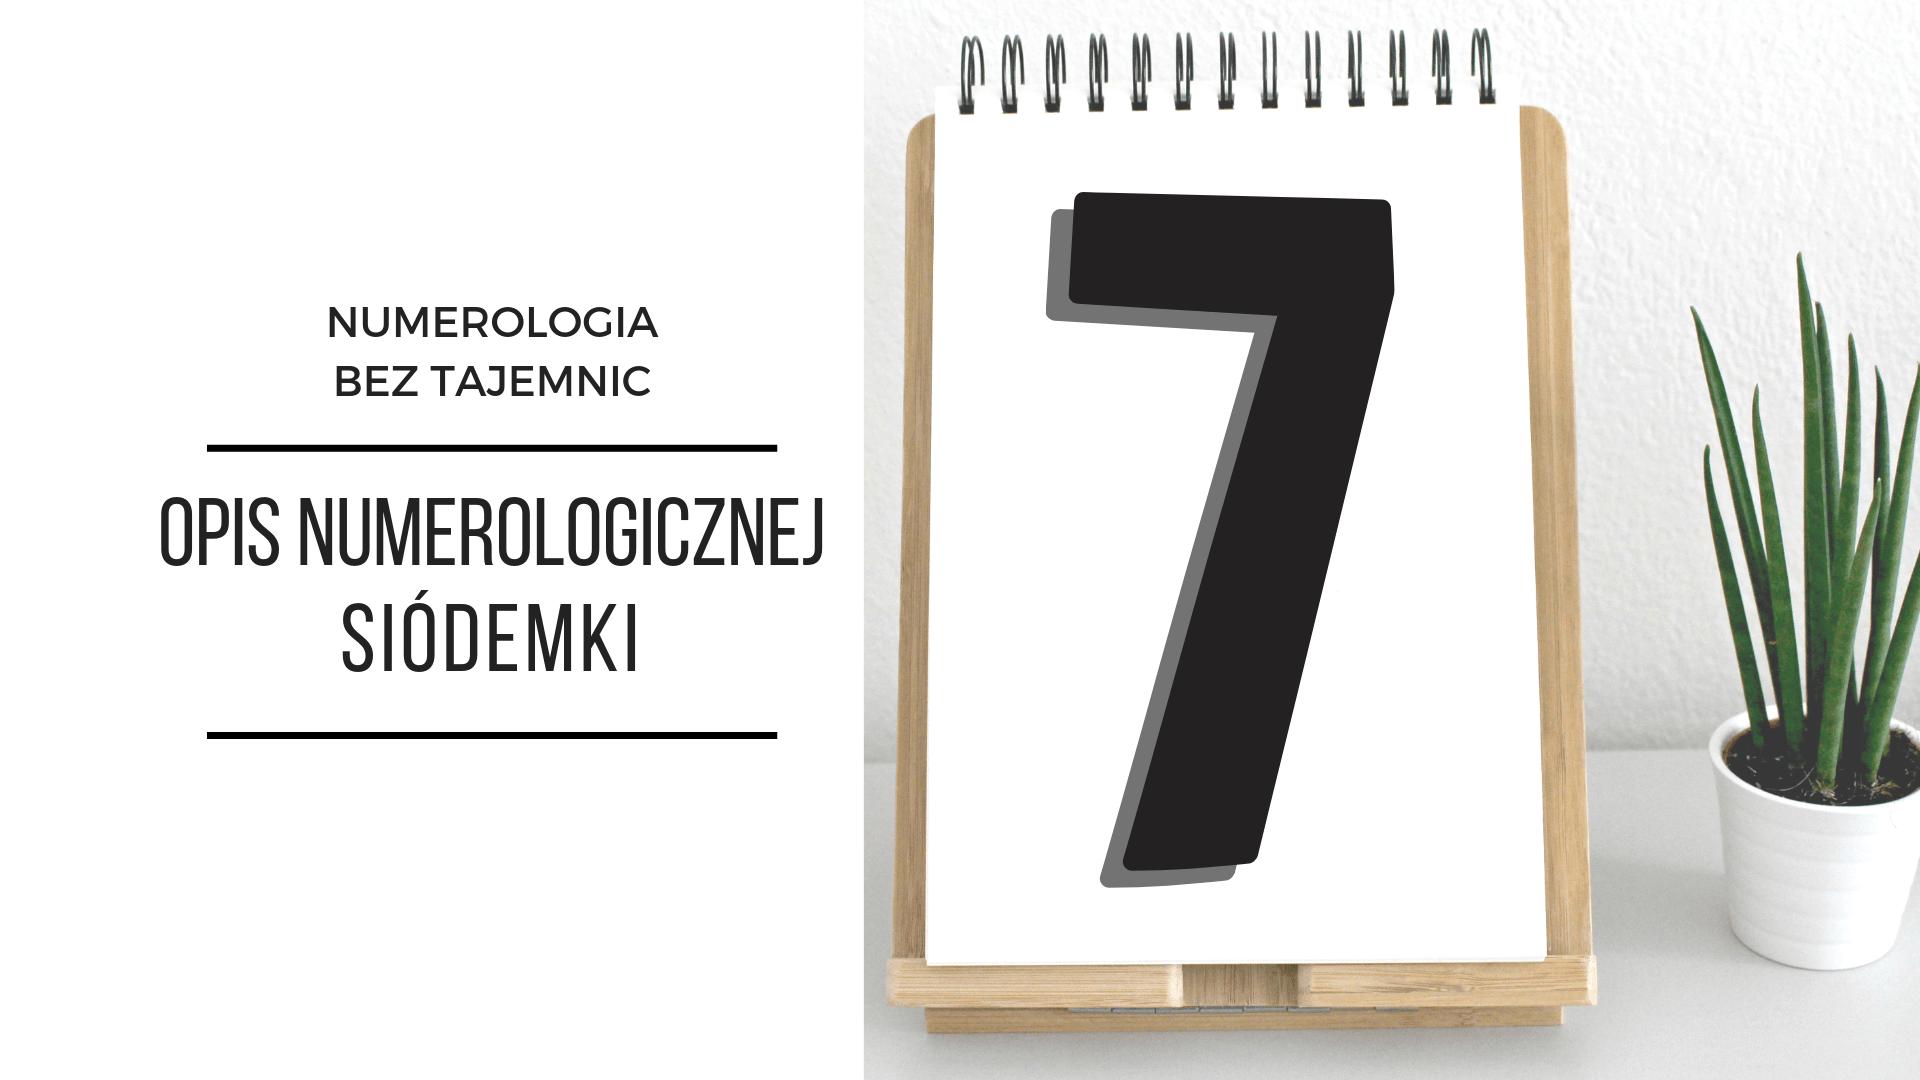 Numerologia 7 – opis numerologicznej siódemki 2